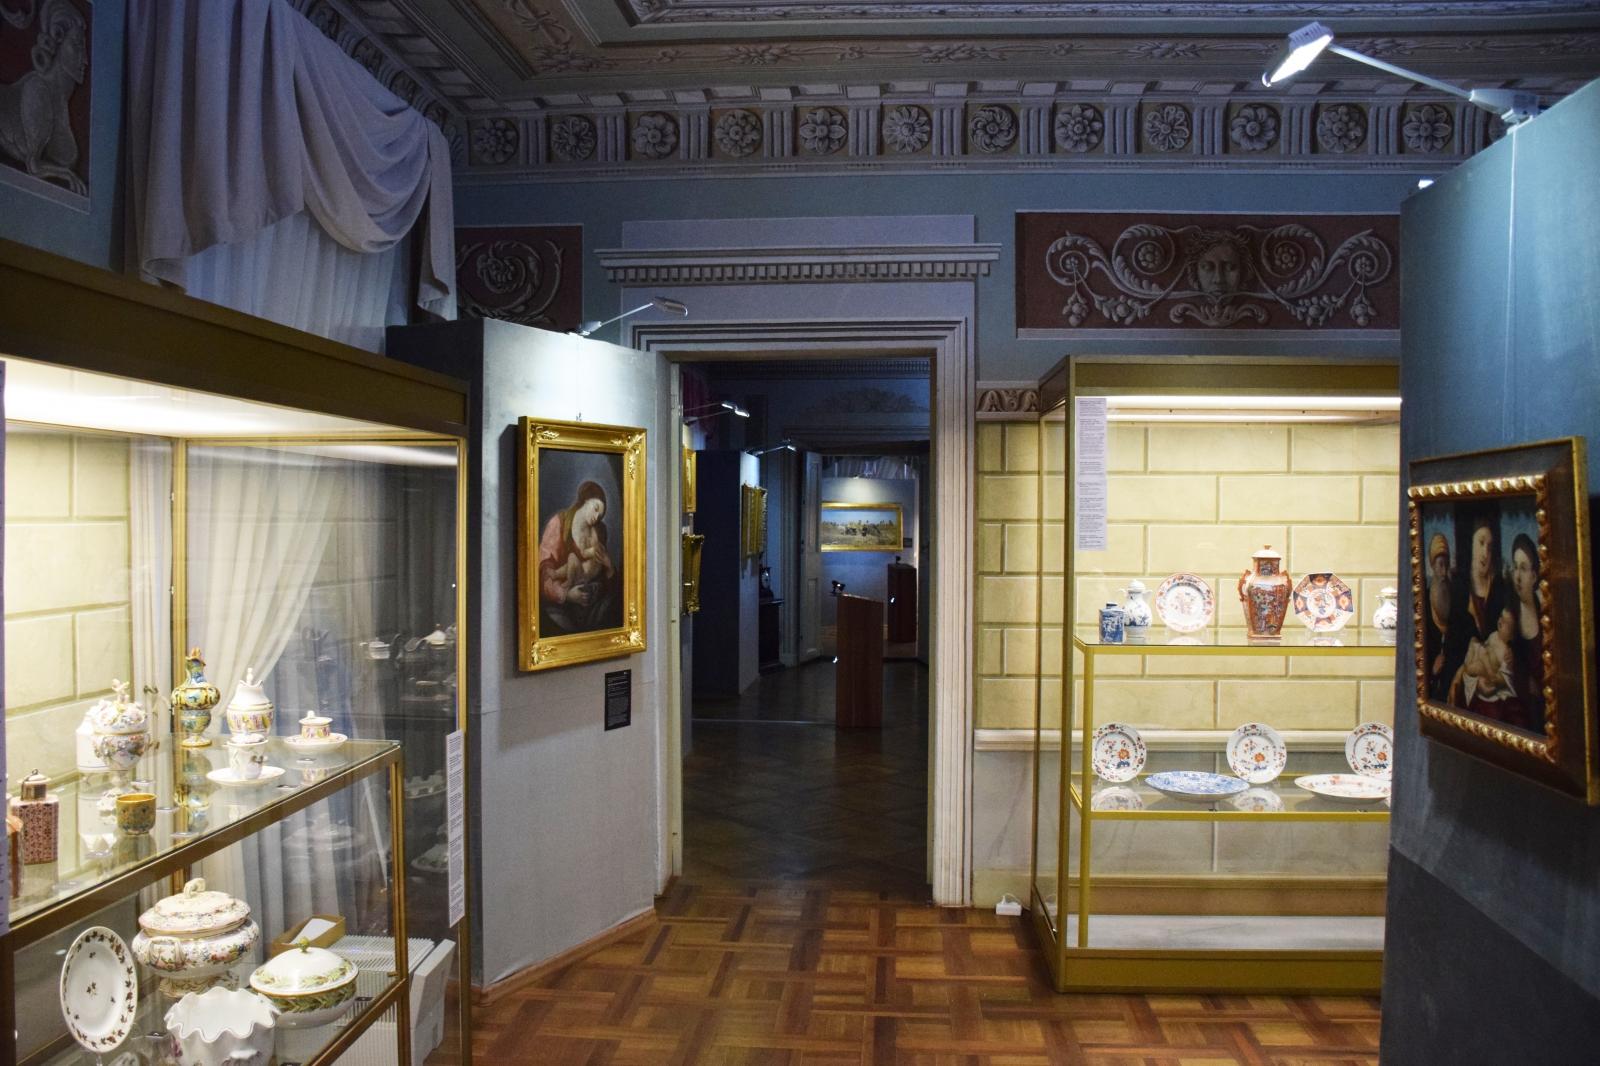 https://www.dobrzyca-muzeum.pl/cms/images/123539_1580809480.jpeg